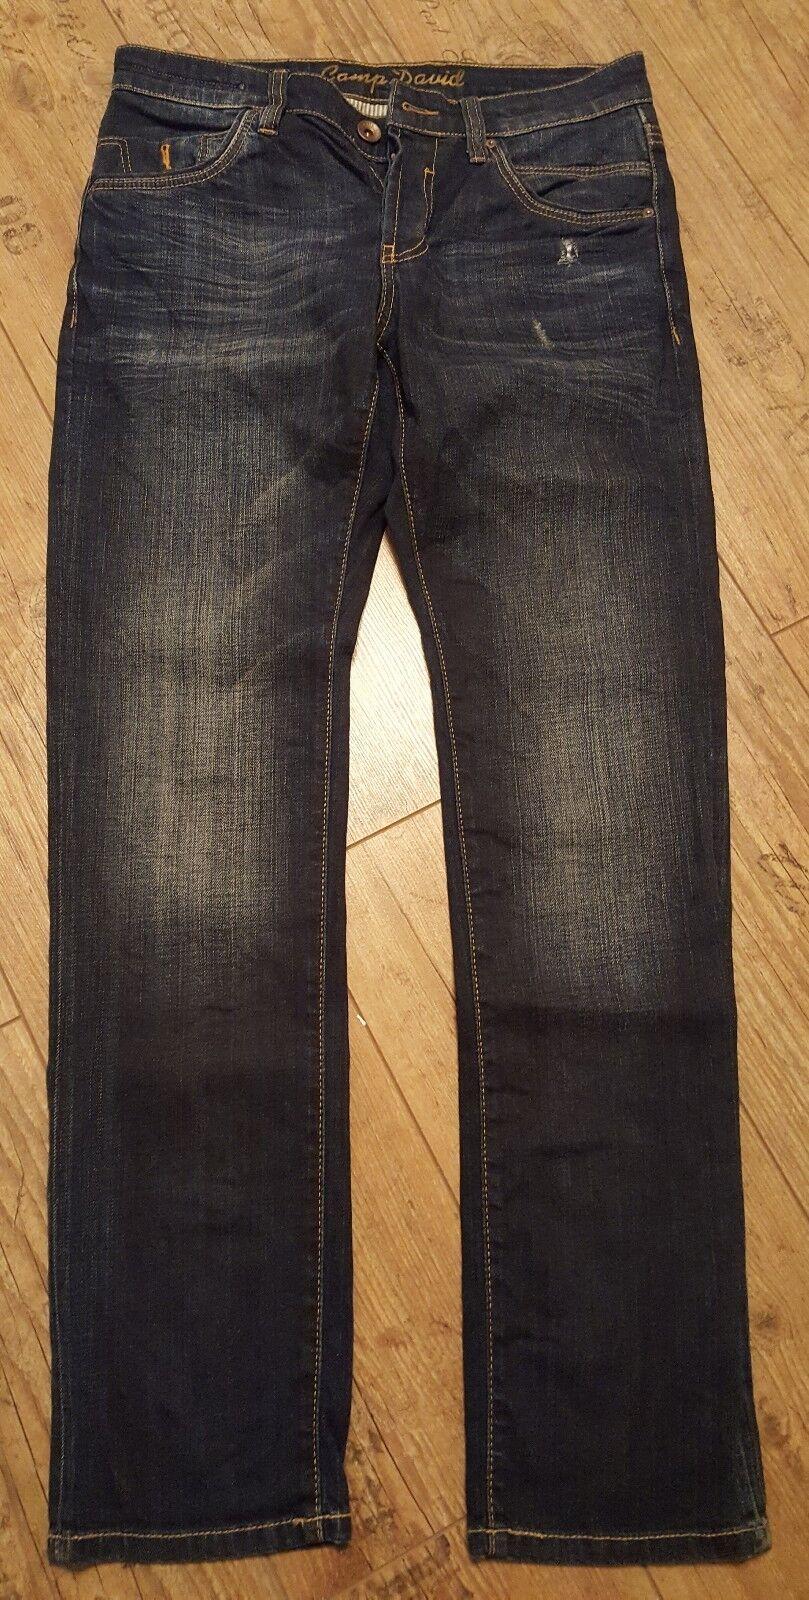 Camp David Herren Herren Herren Jeans  W31 L32 a6e45c